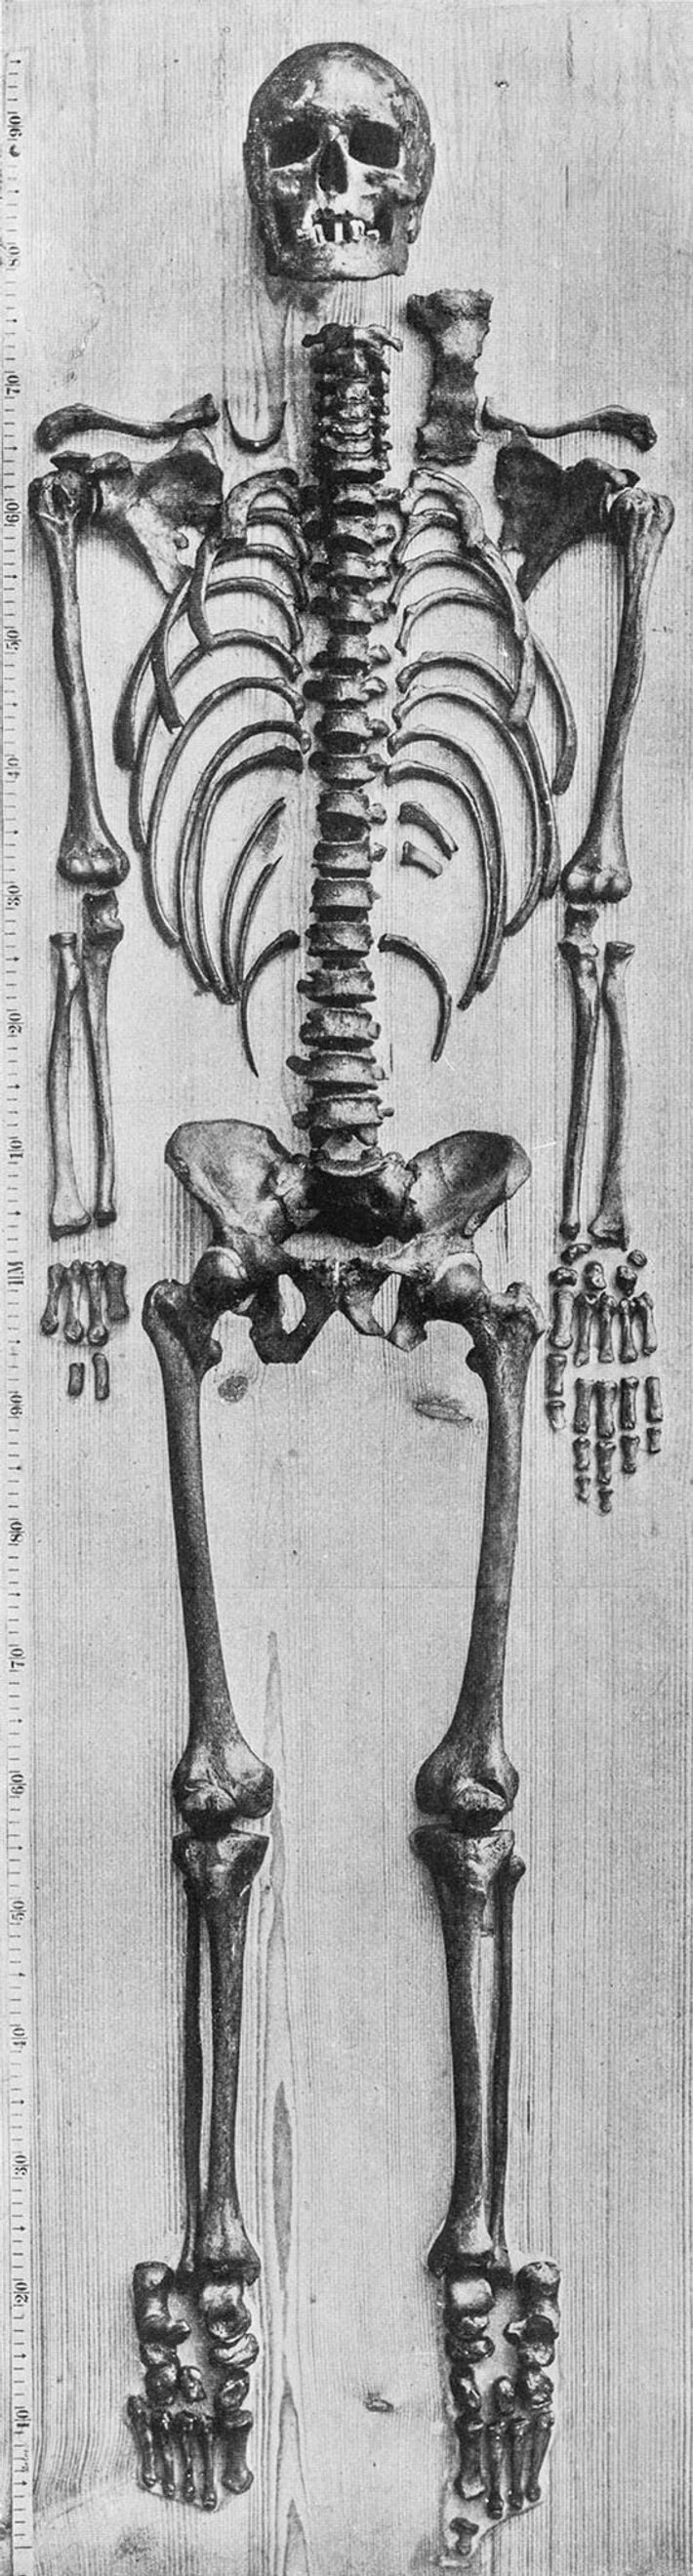 Bachs mutmaßliches Skelett wurde 1895 von dem Anatom Wilhelm His fotografiert. Andreas Otte untersuchte die linke ...